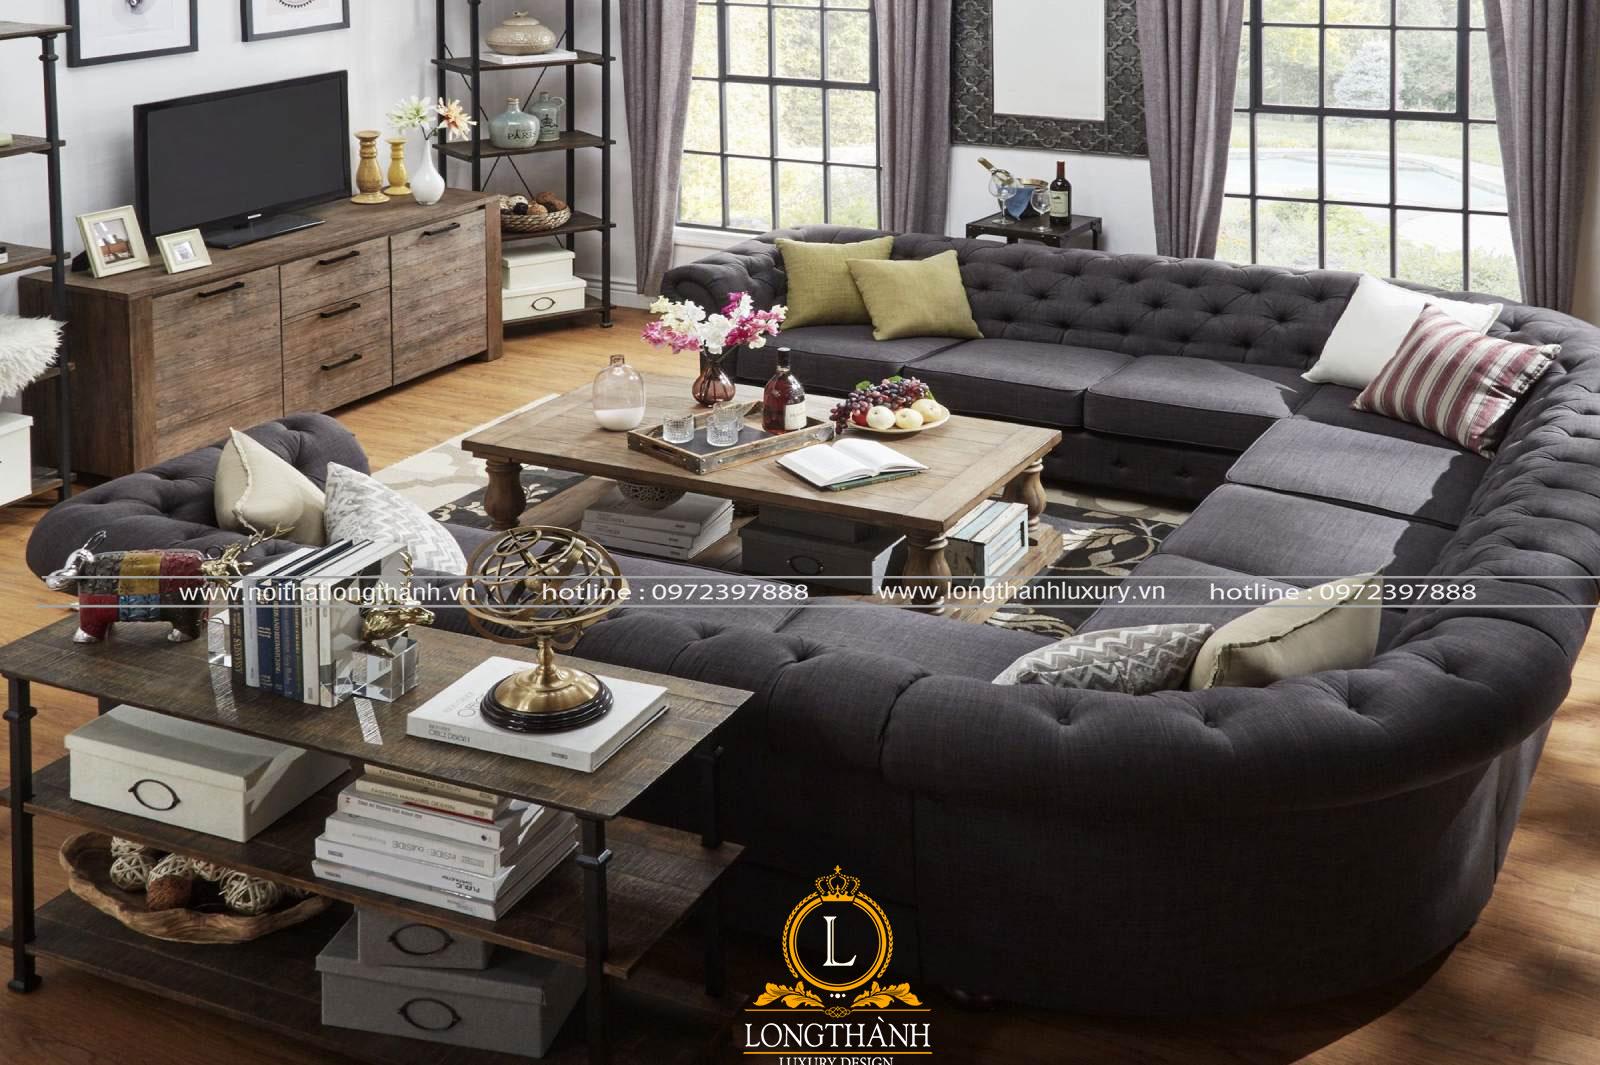 Sofa hình chữ u sử dụng trong không gian phòng khách nhà phố hẹp